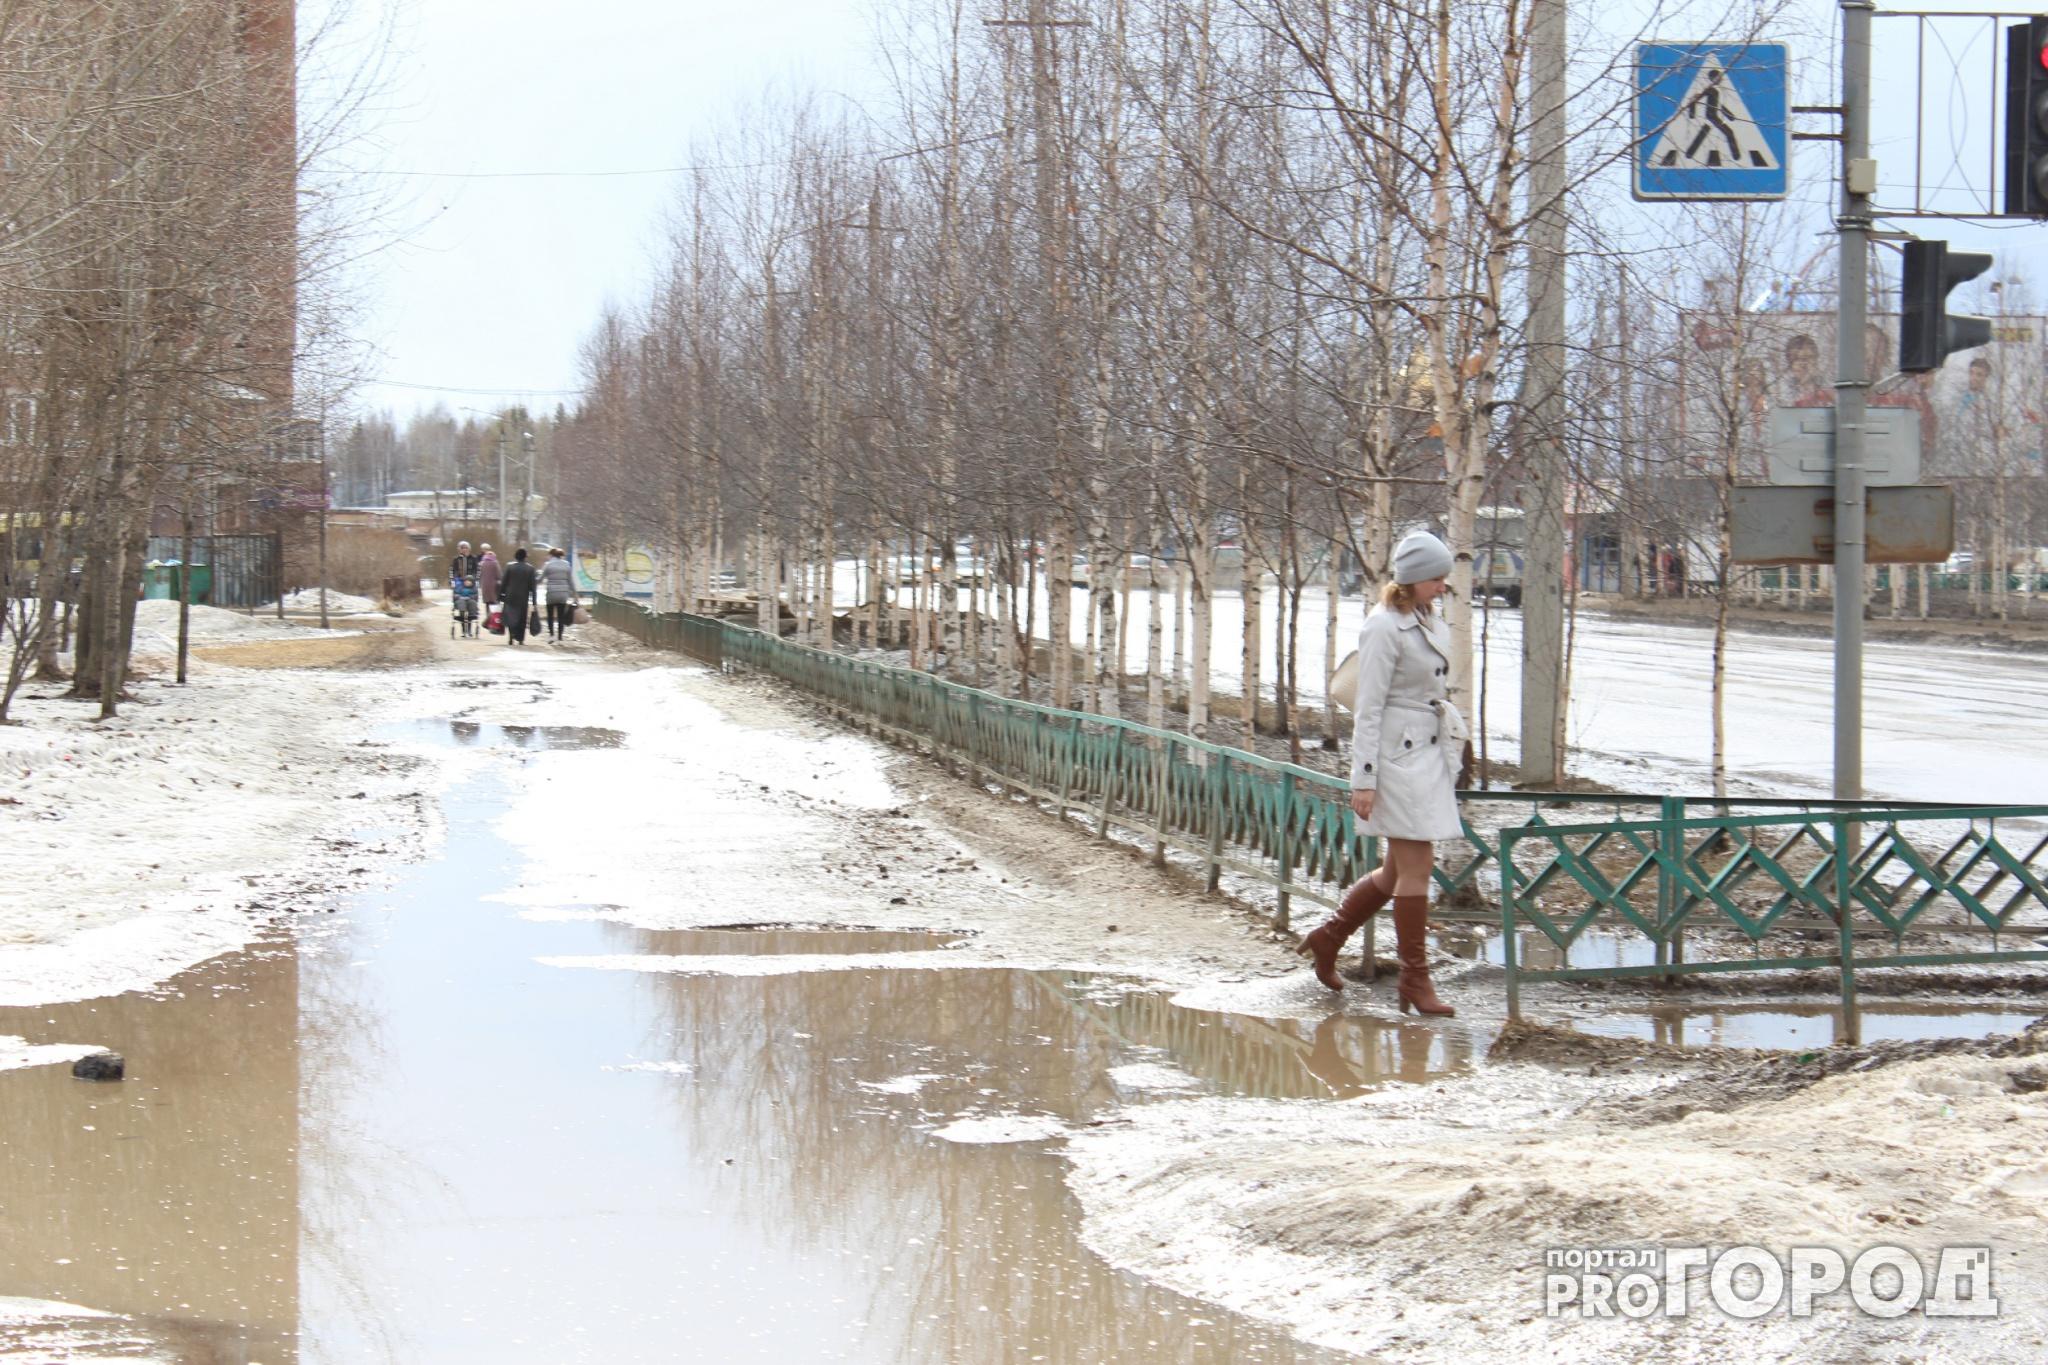 Прогноз погоды: в Чепецке рабочая неделя будет теплой